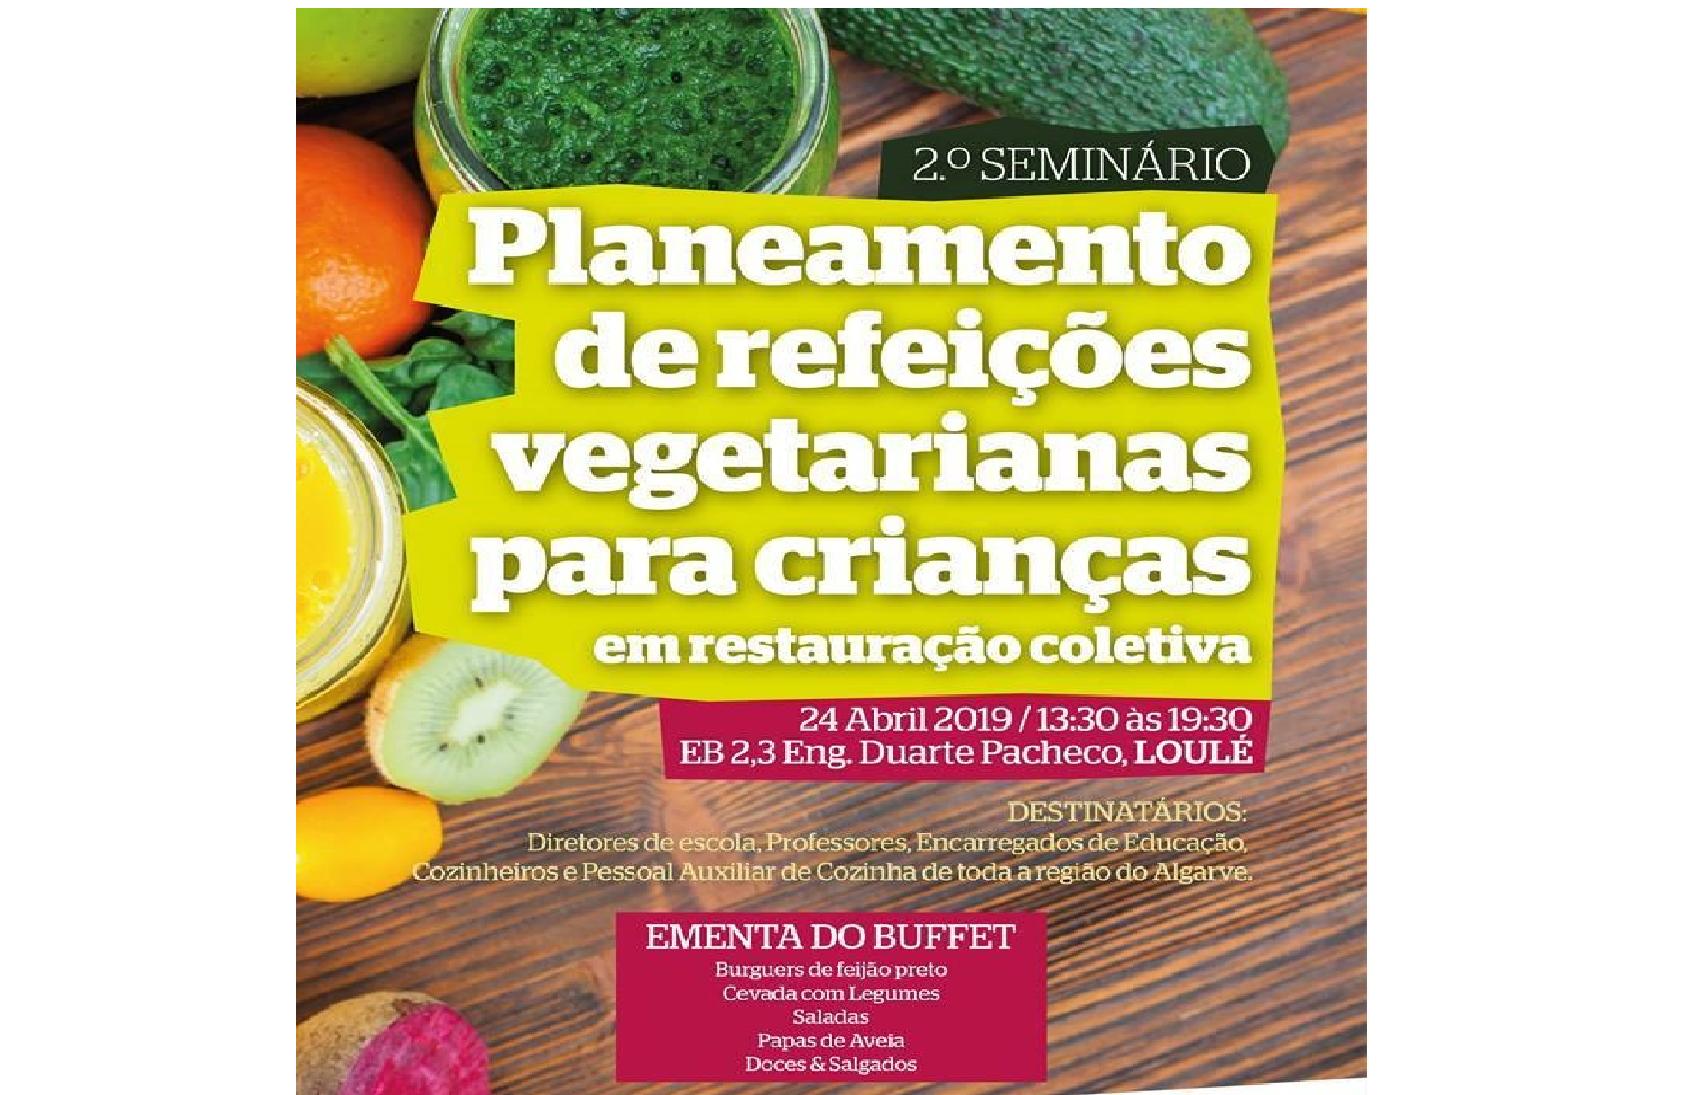 2 Seminário Planeamento de refeições vegetarianas para crianças